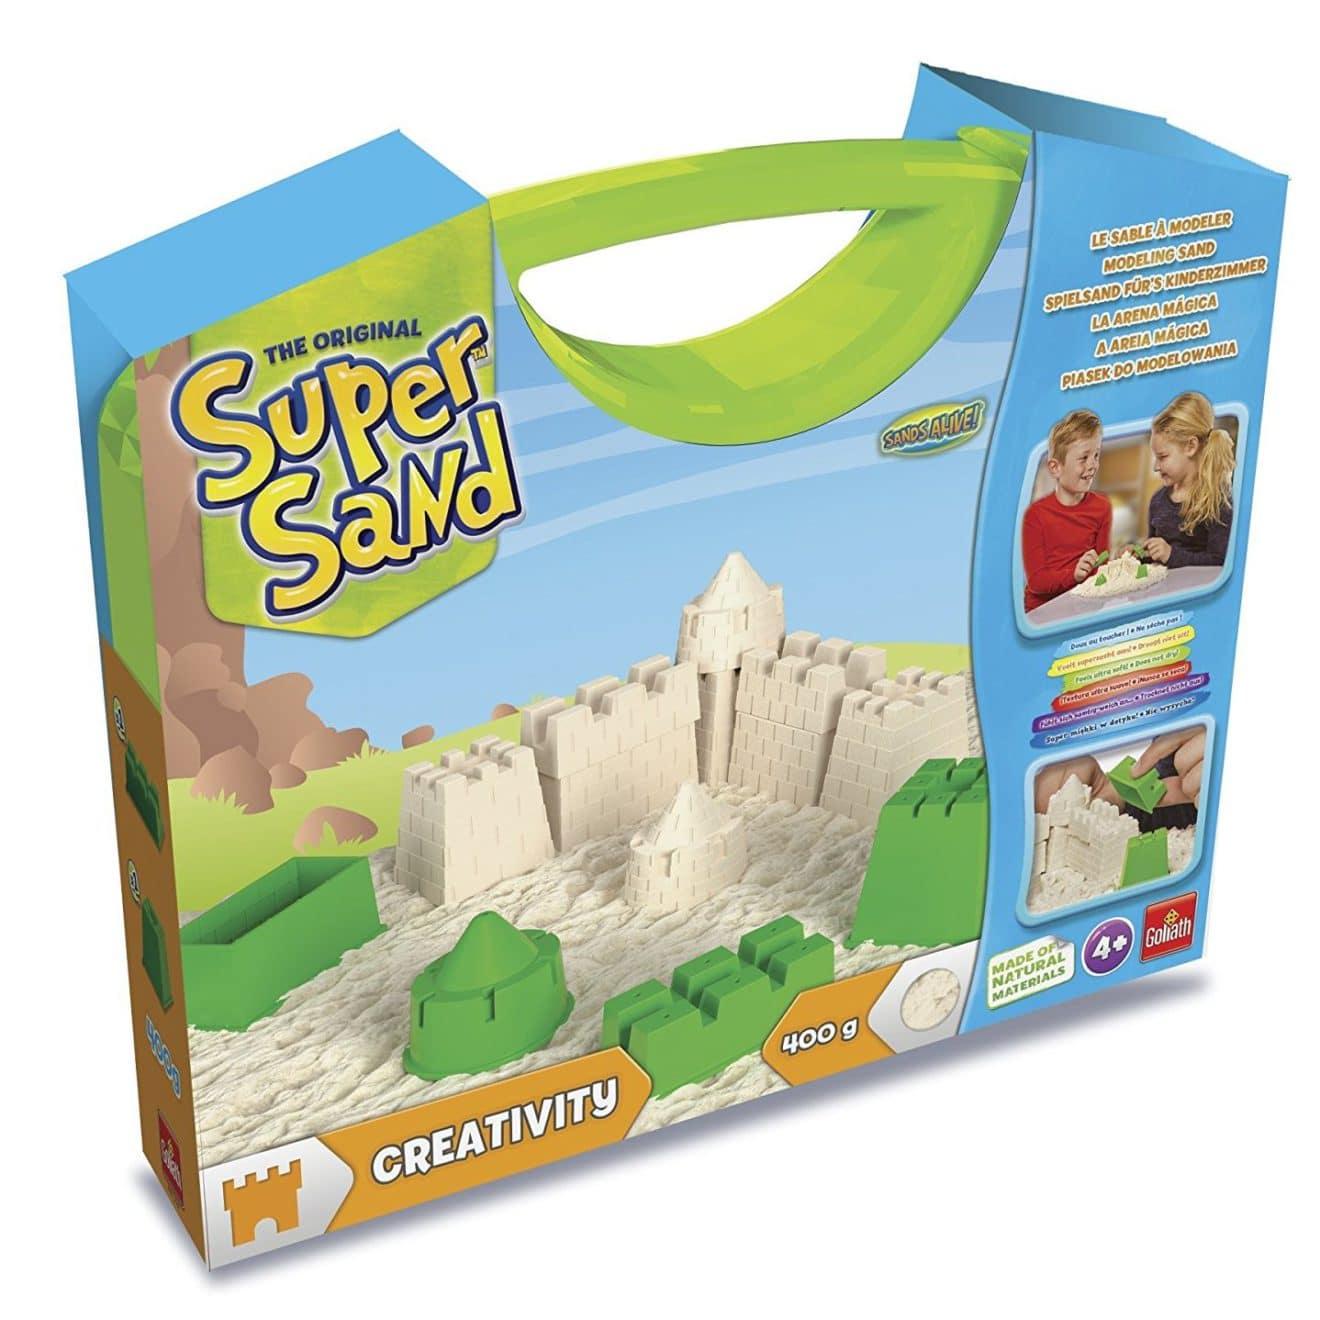 kit de loisirs créatifs pour enfants super sand goliath